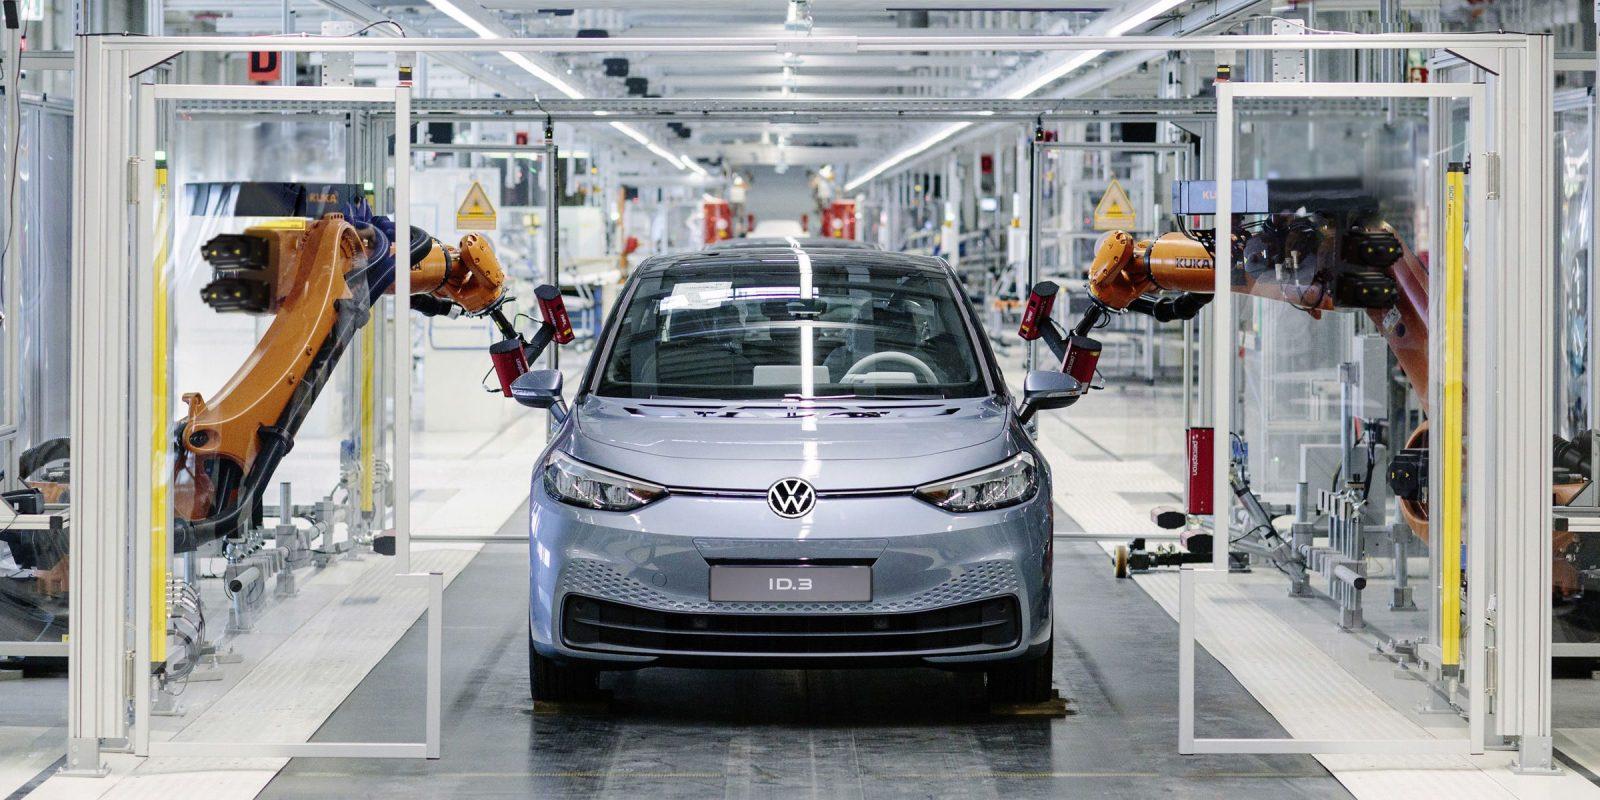 Nemačka pojačava subvencije da bi stimulisala prodaju električnih automobila